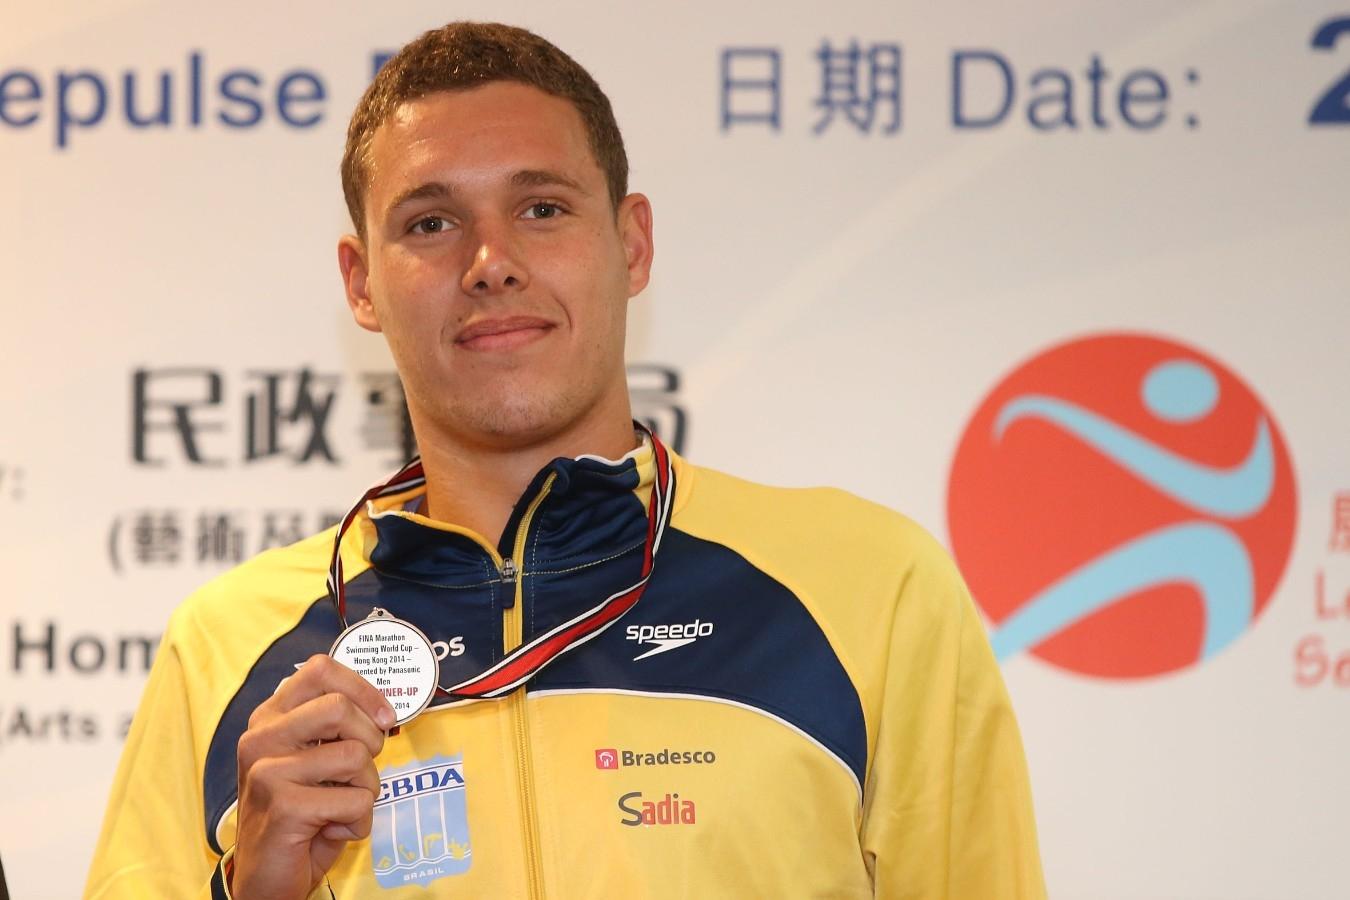 Diogo Villarinho. Copa do Mundo de Maratonas Aquaticas, etapa Travessia de Hong Kong na Repulse Bay. 18 de Outubro de 2014, Hong Kong. Foto: Satiro Sodre/SSPress.